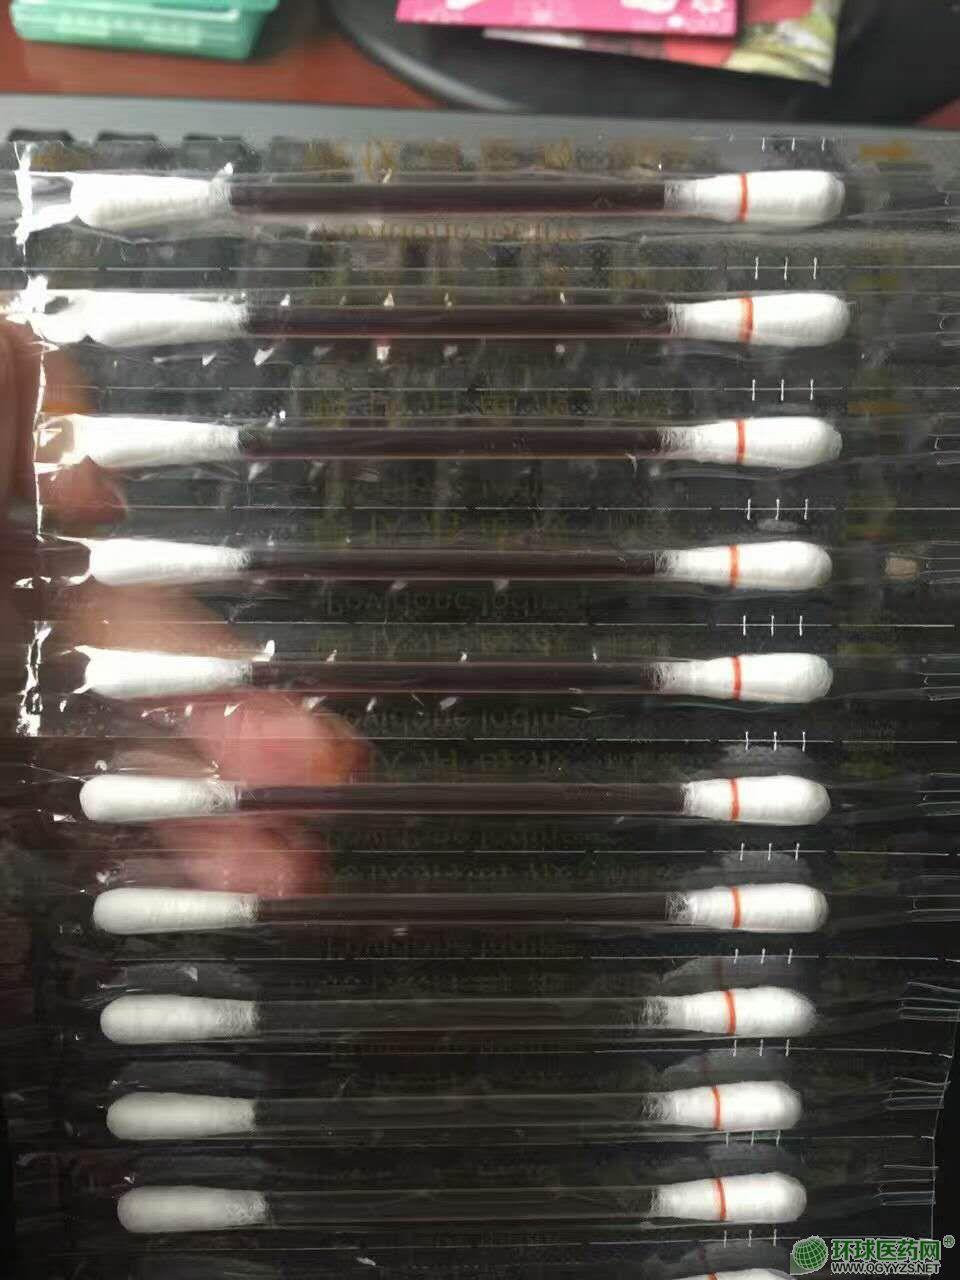 一次性医用碘伏消毒棉棒药水棉签